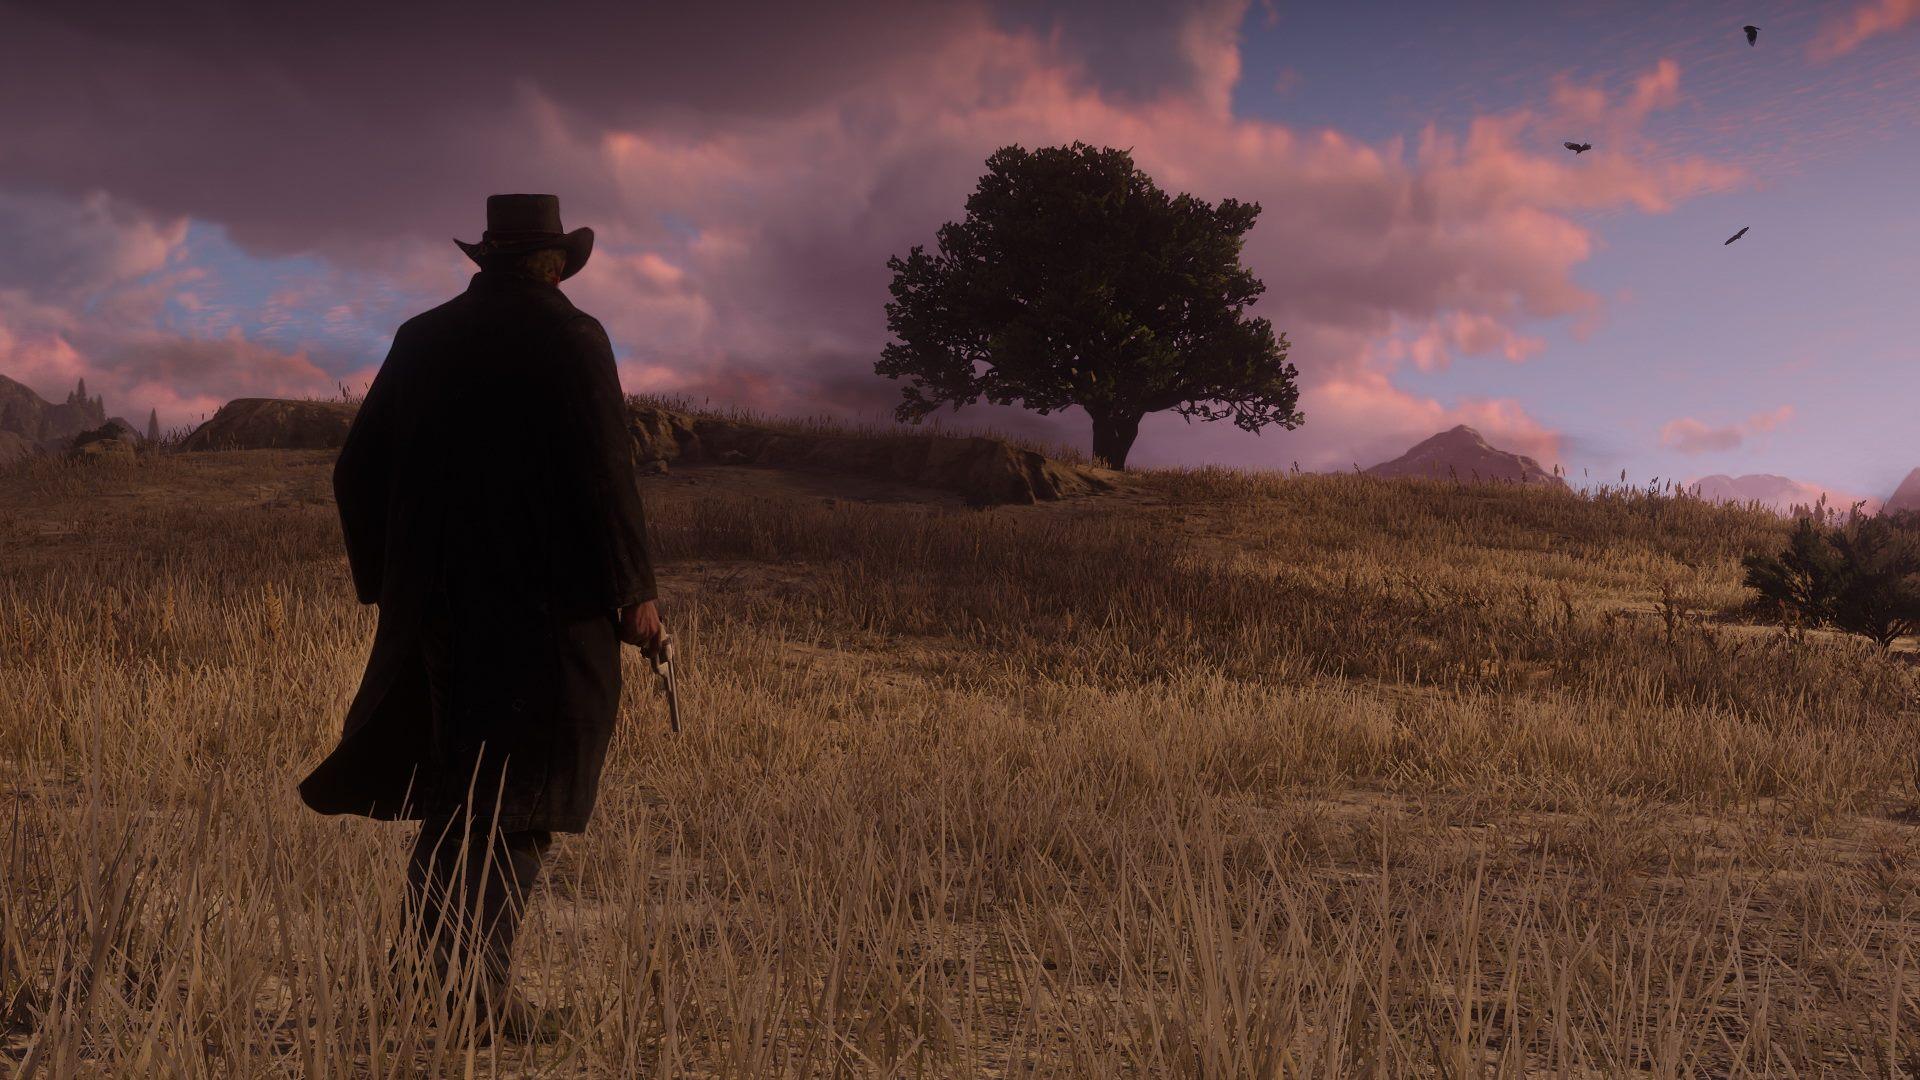 Neue Screenshots zu Red Dead Redemption 2 zeigen Tierwelt, Open World und Charaktere. Bild 13 - Quelle: Rockstar Games